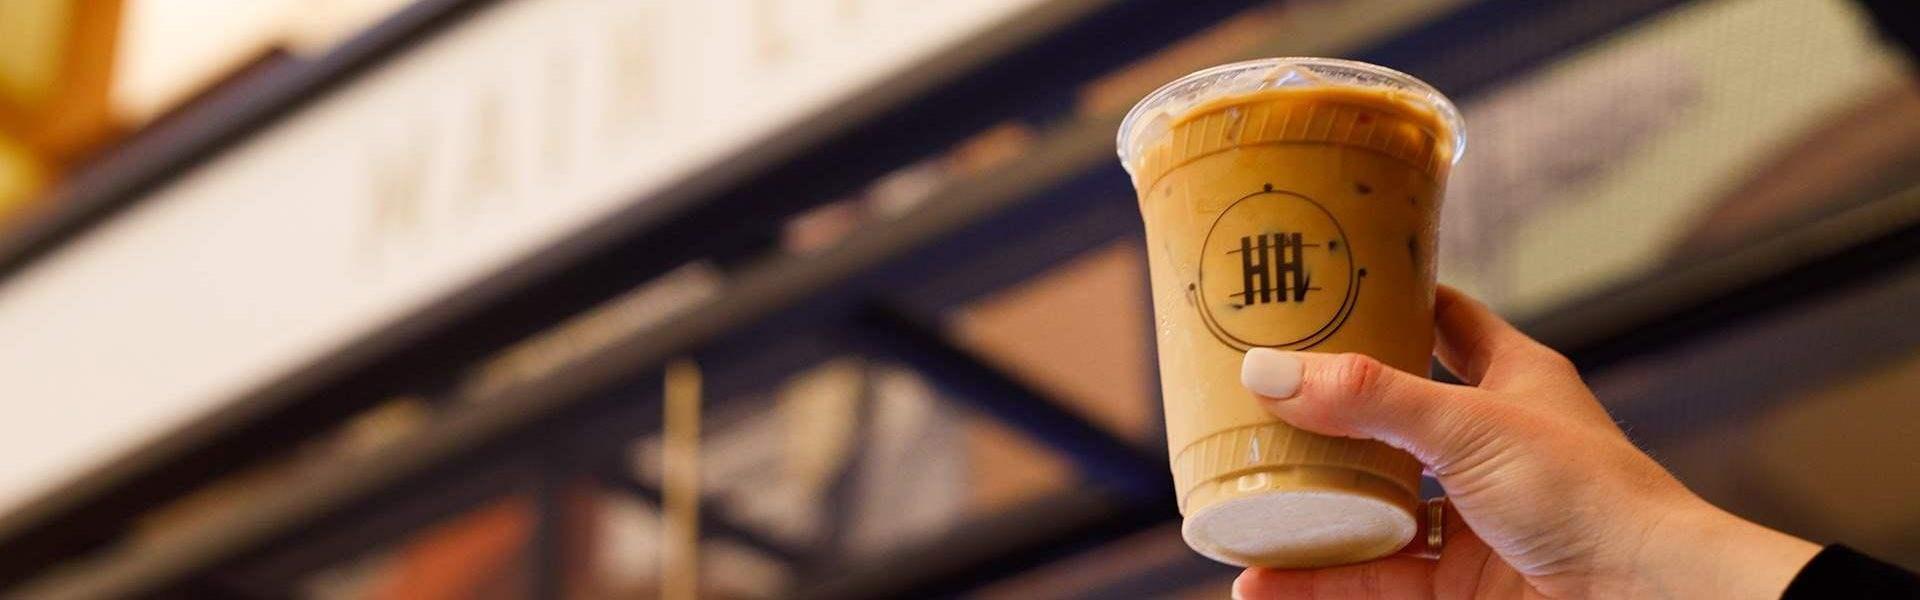 Main Line Coffee Bar